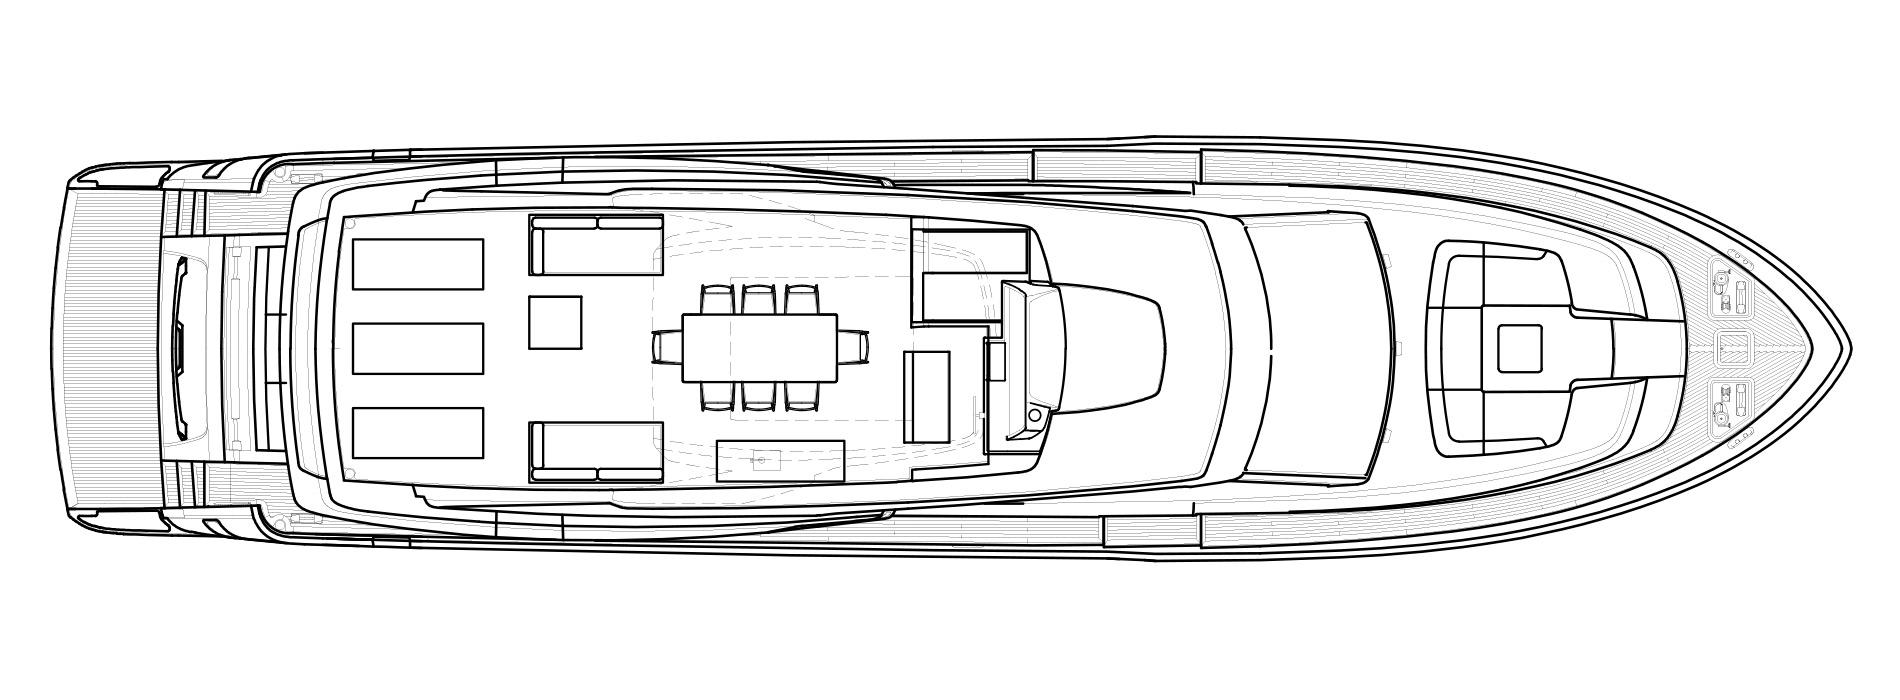 Sanlorenzo Yachts SL86 Außendeck Versione A